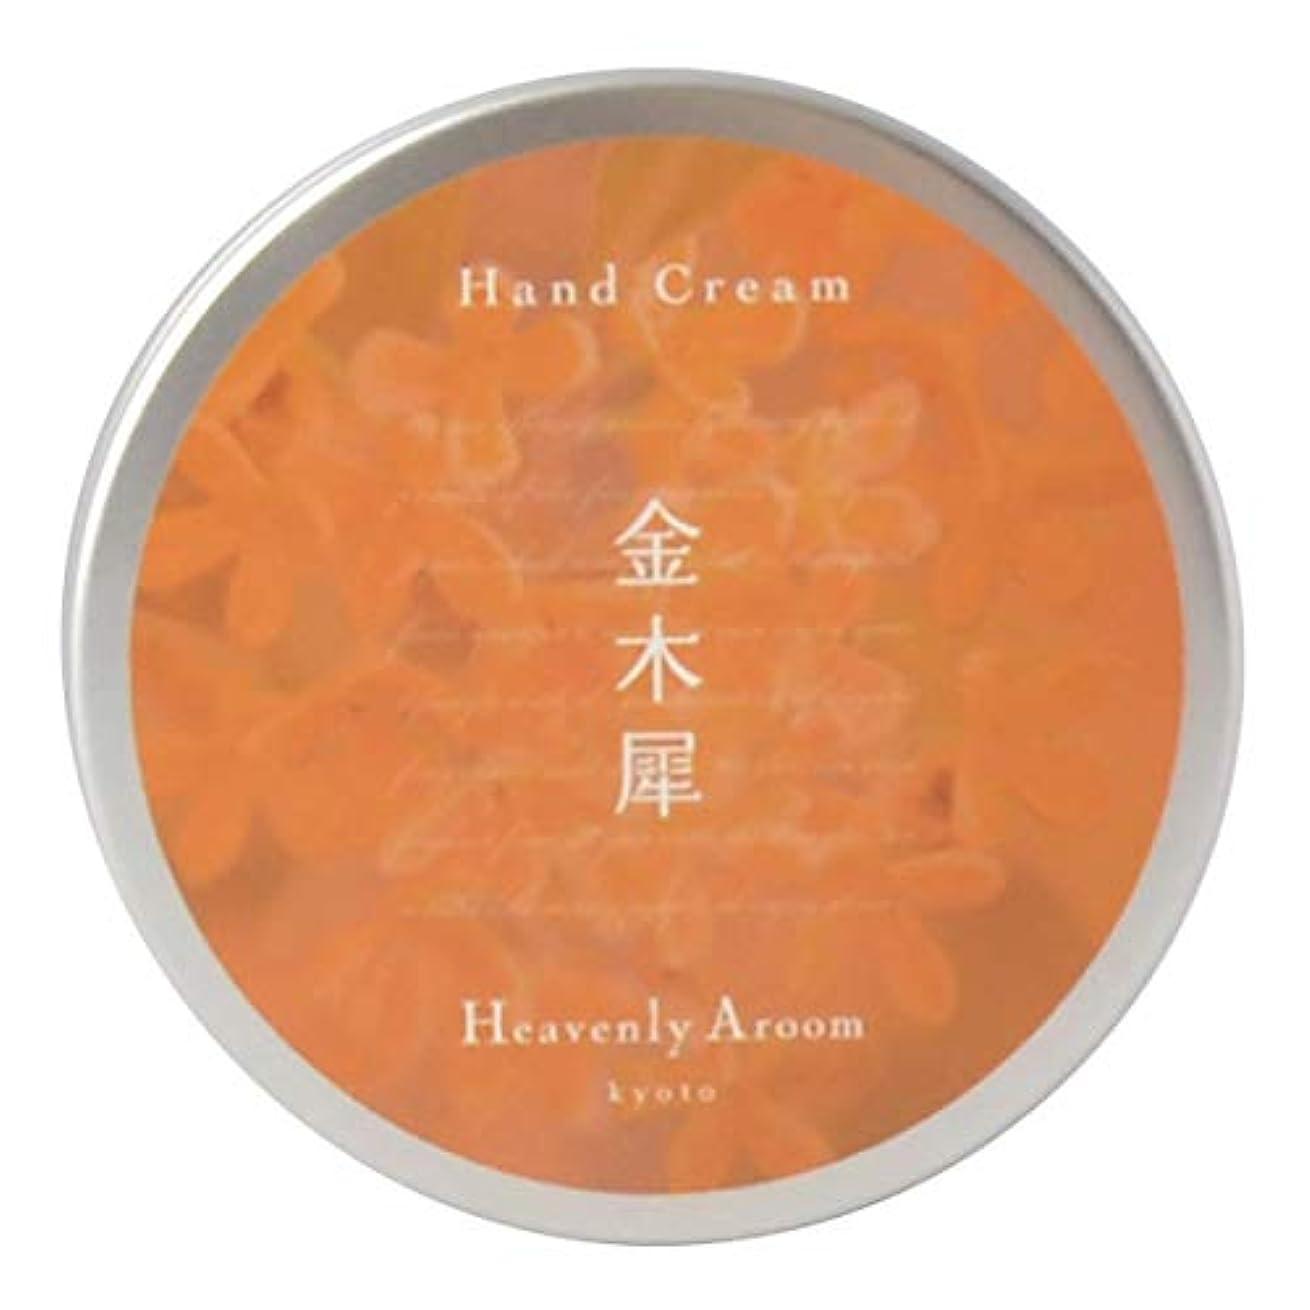 ウェイドマットレス感覚Heavenly Aroom ハンドクリーム 金木犀 75g